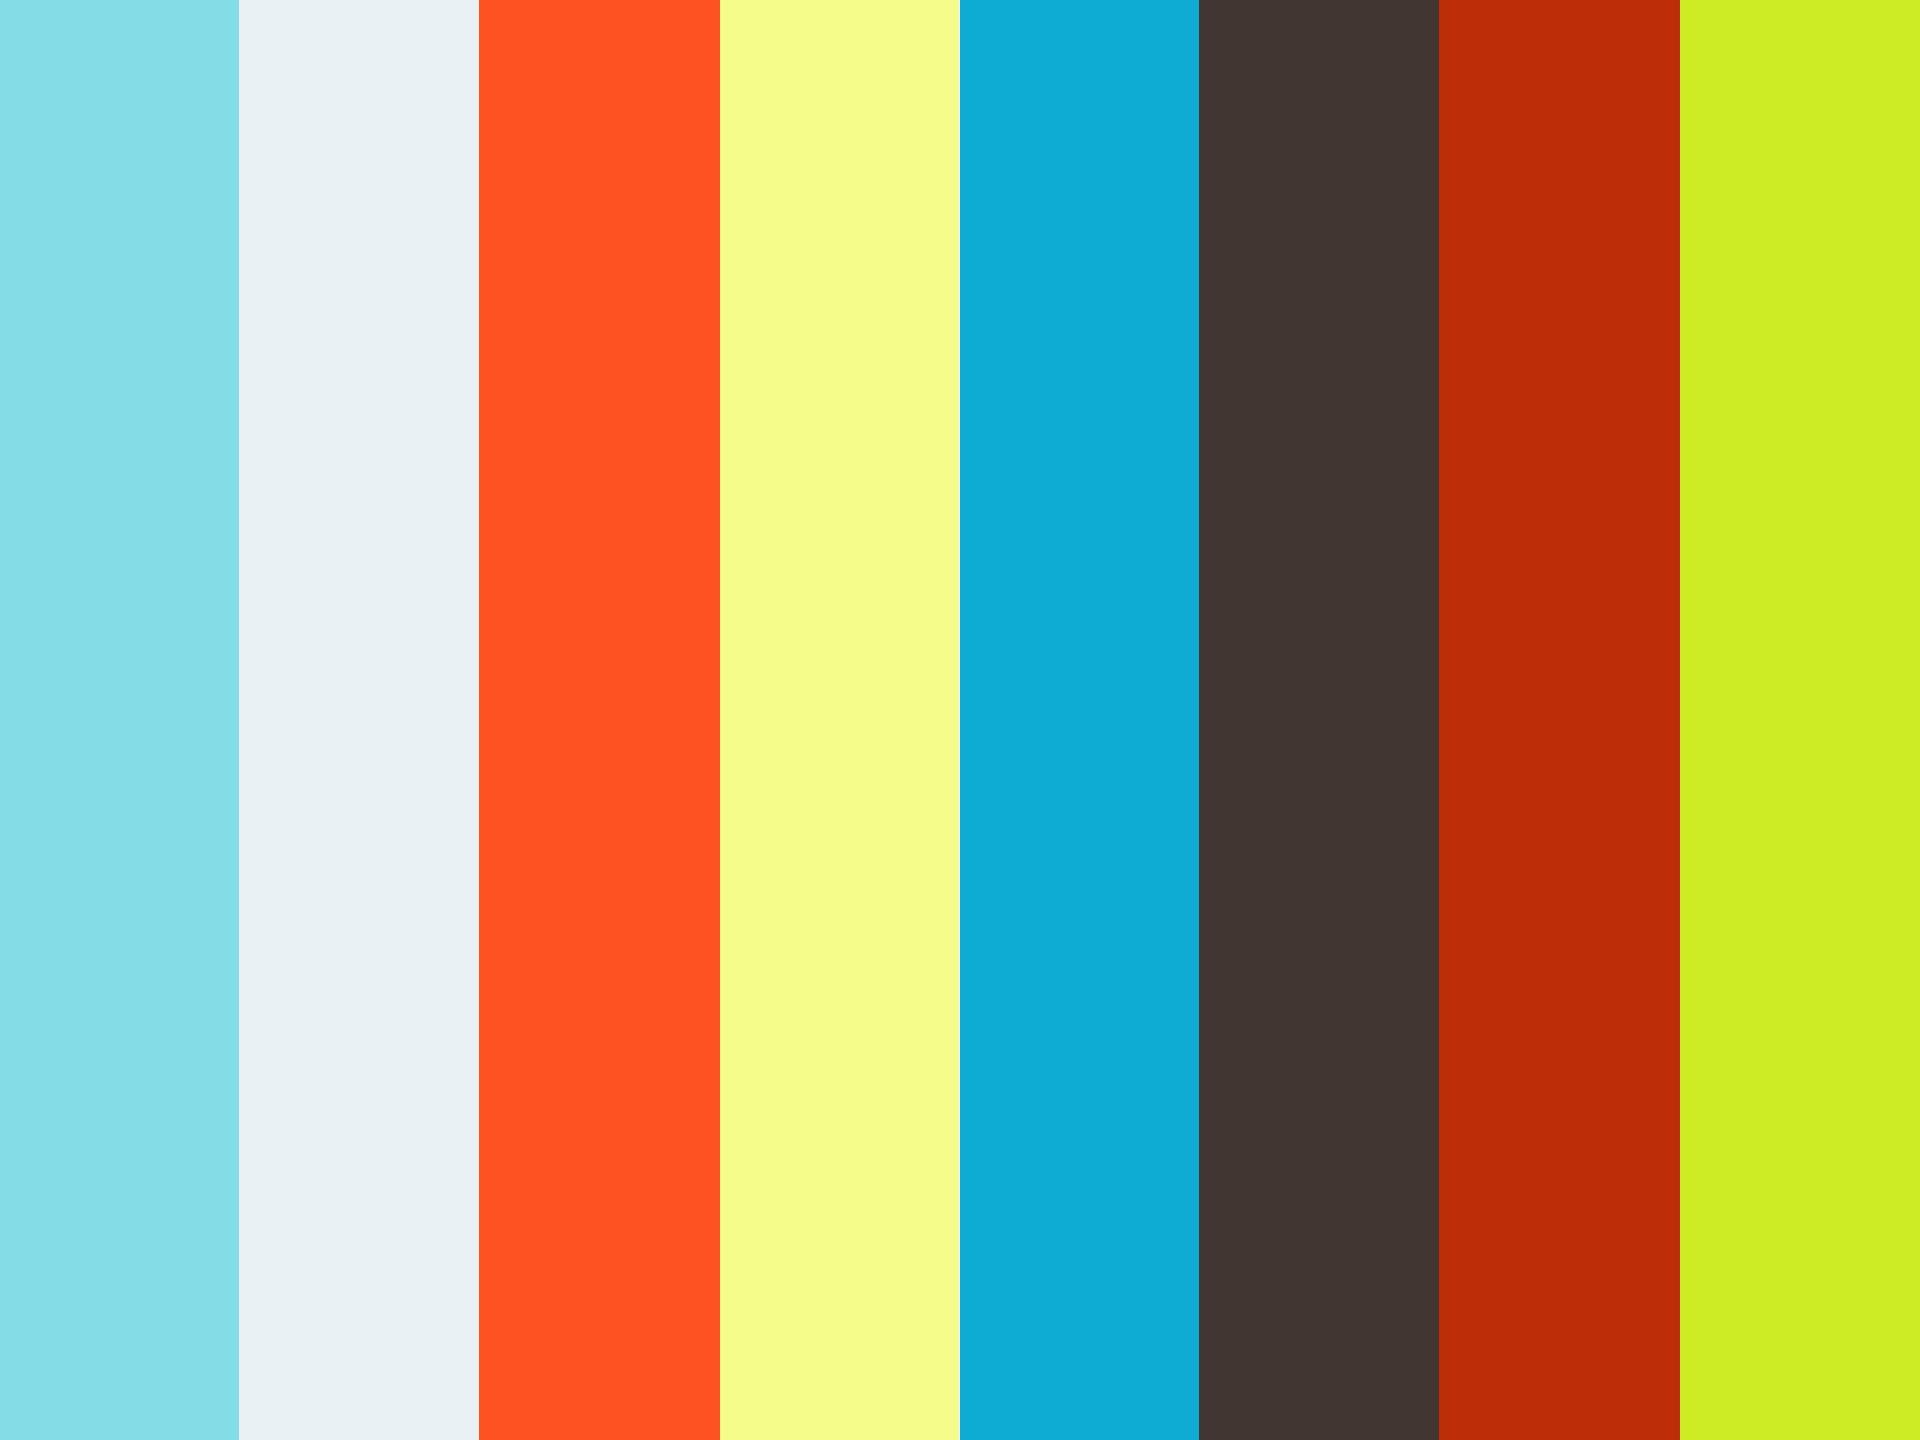 MERCEDES BENZ C180 - WHITE - 2017